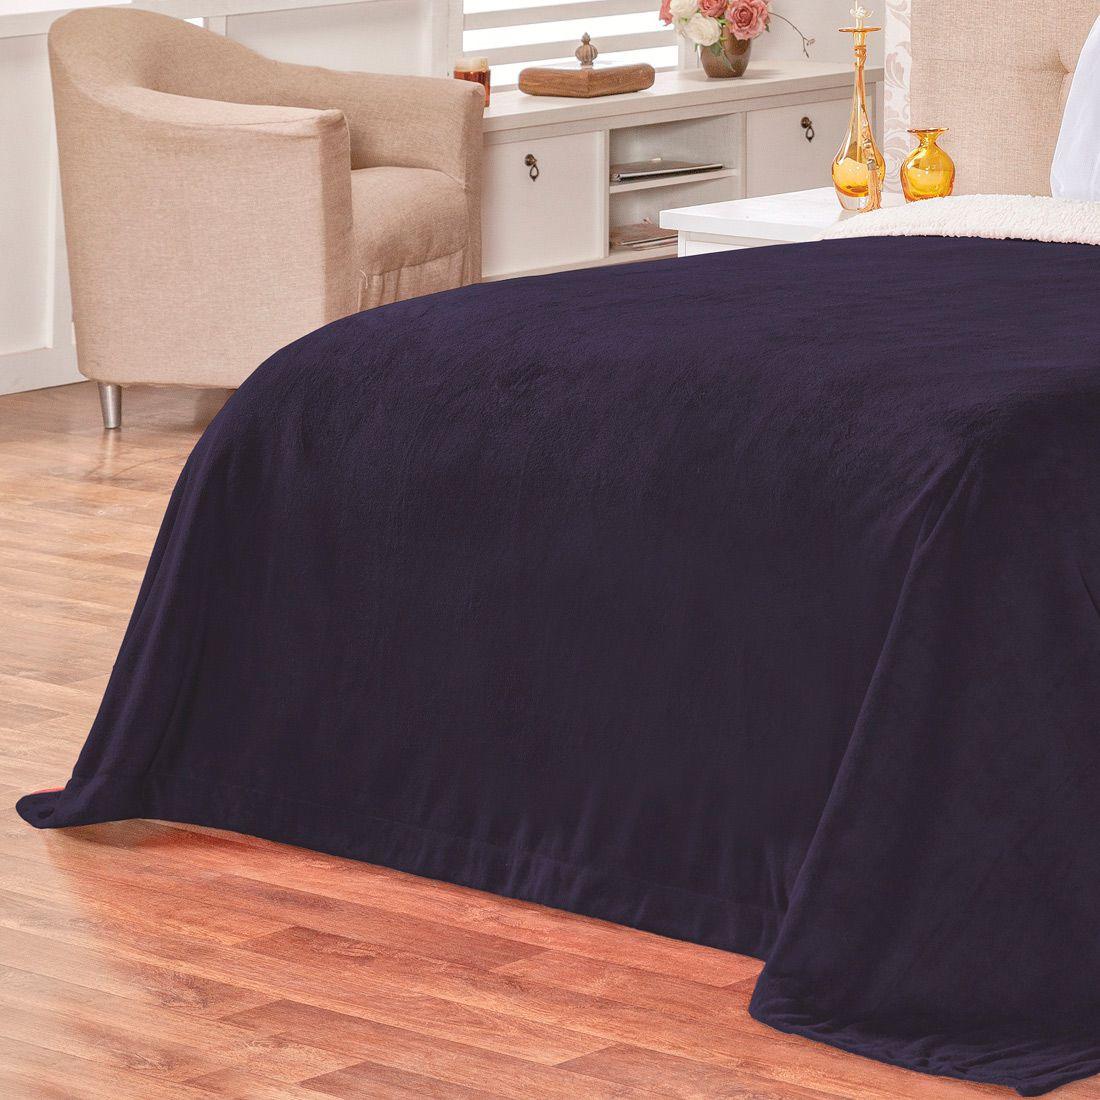 Cobertor Malmo Azul Marinho Dupla Face Queen - Tecido Sherpa e Manta Microfibra